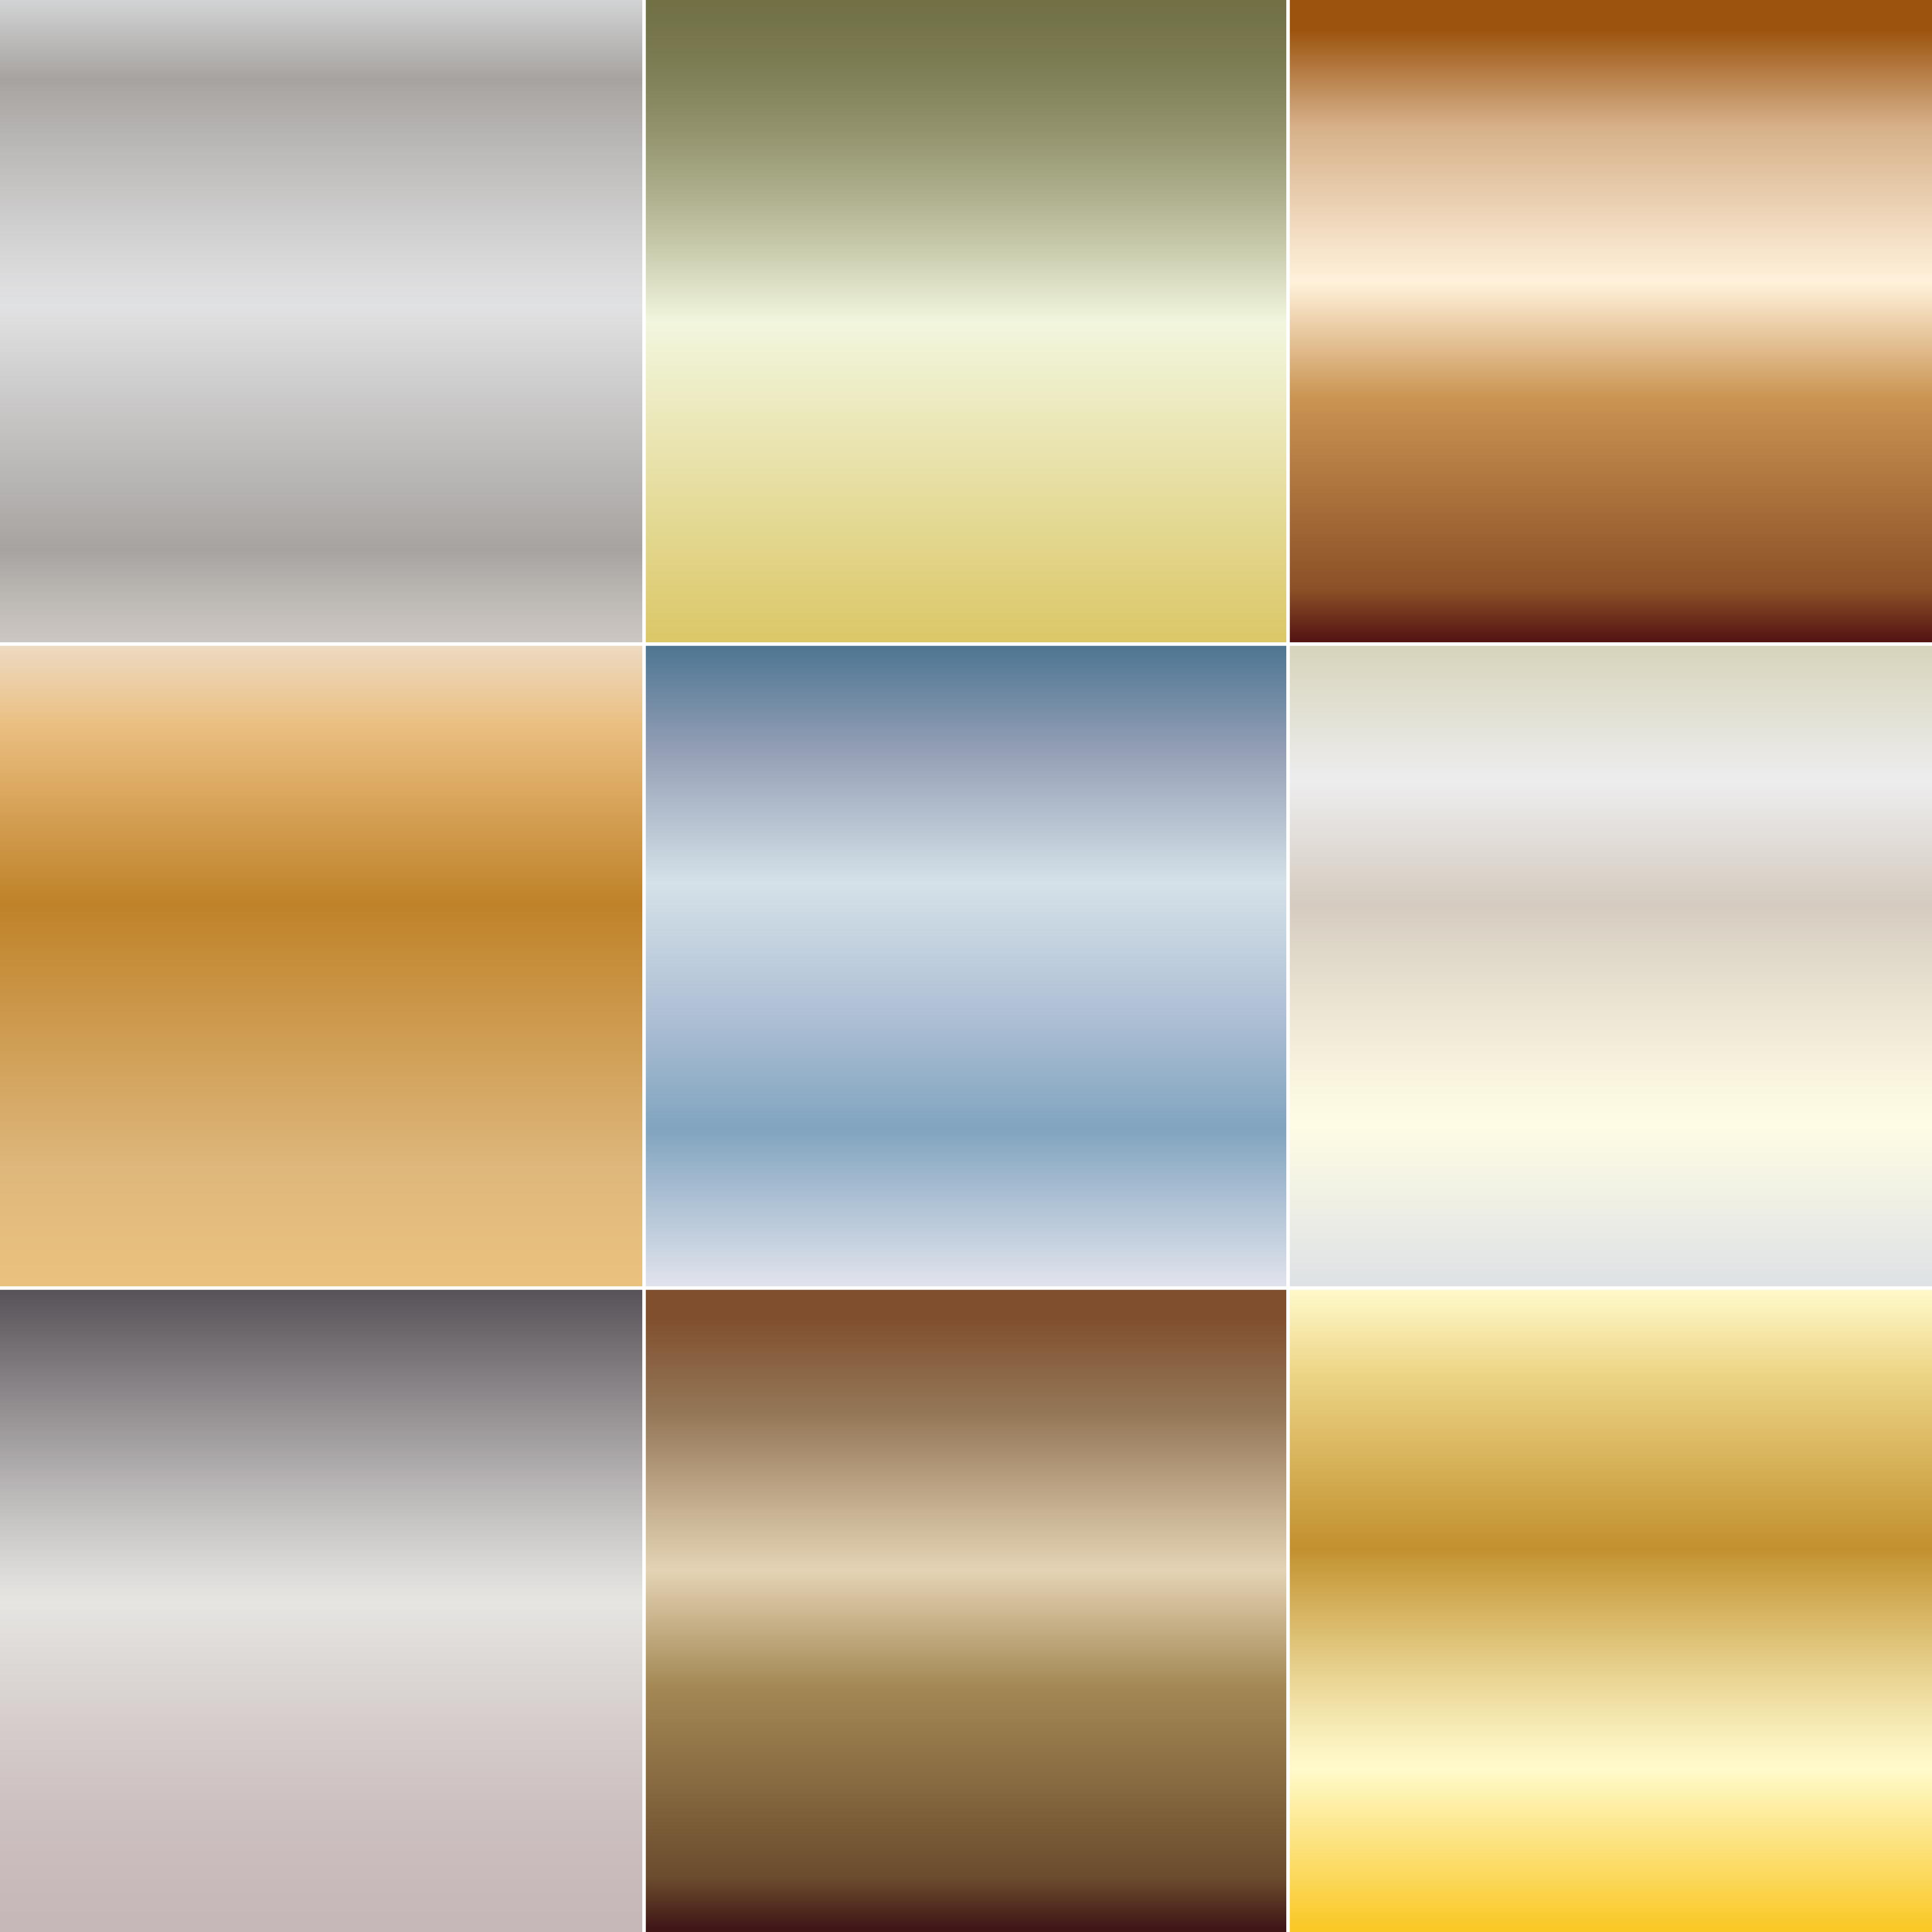 Metallic Gradient Abstract Backgrounds